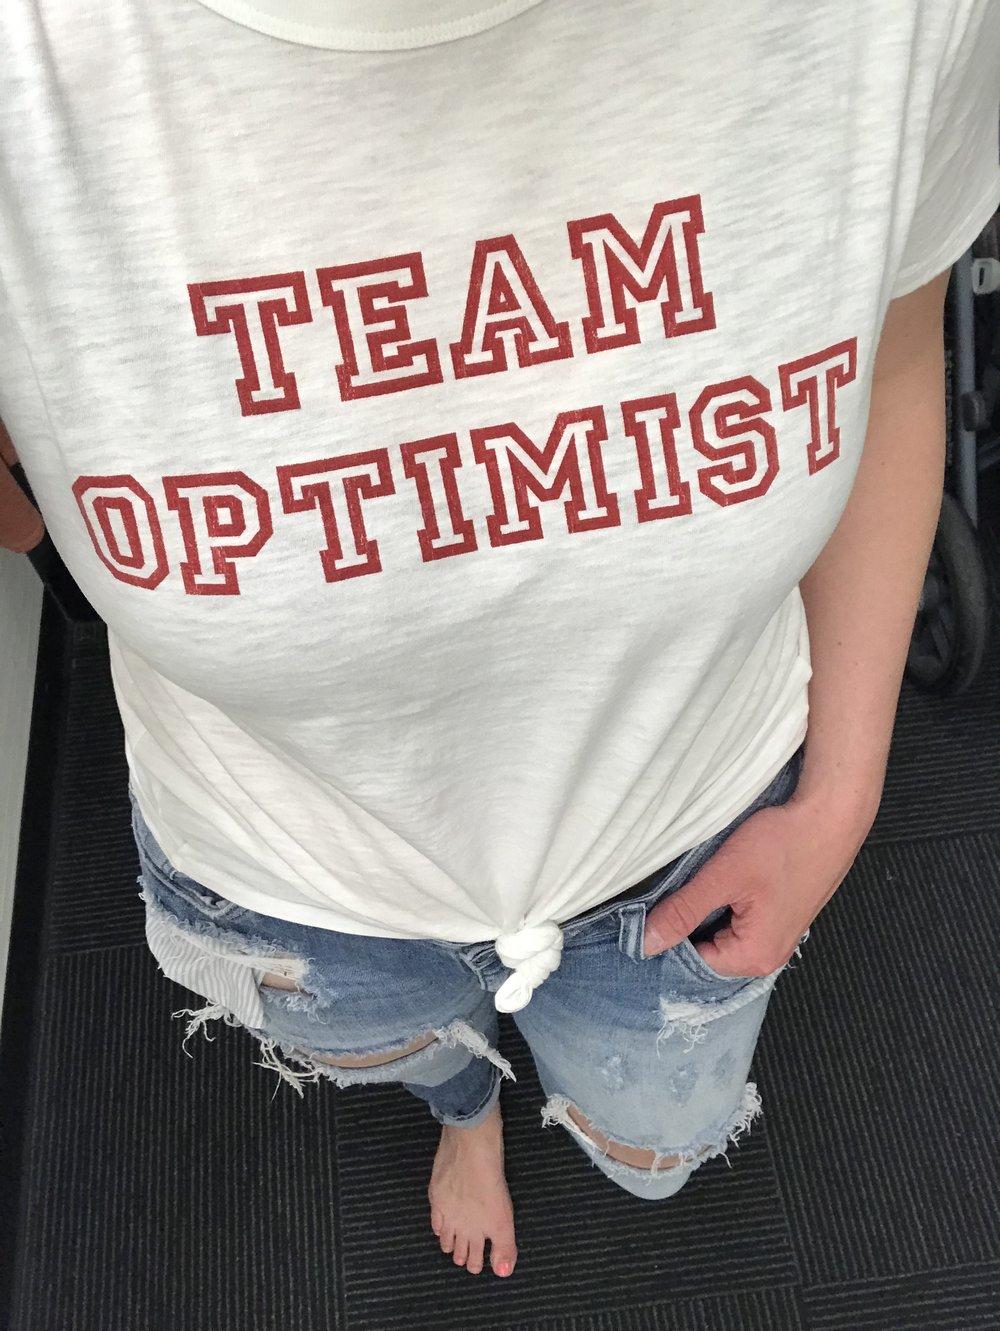 J.Crew Team Optimist, Optimist, Try-Ons, LTKUnder50